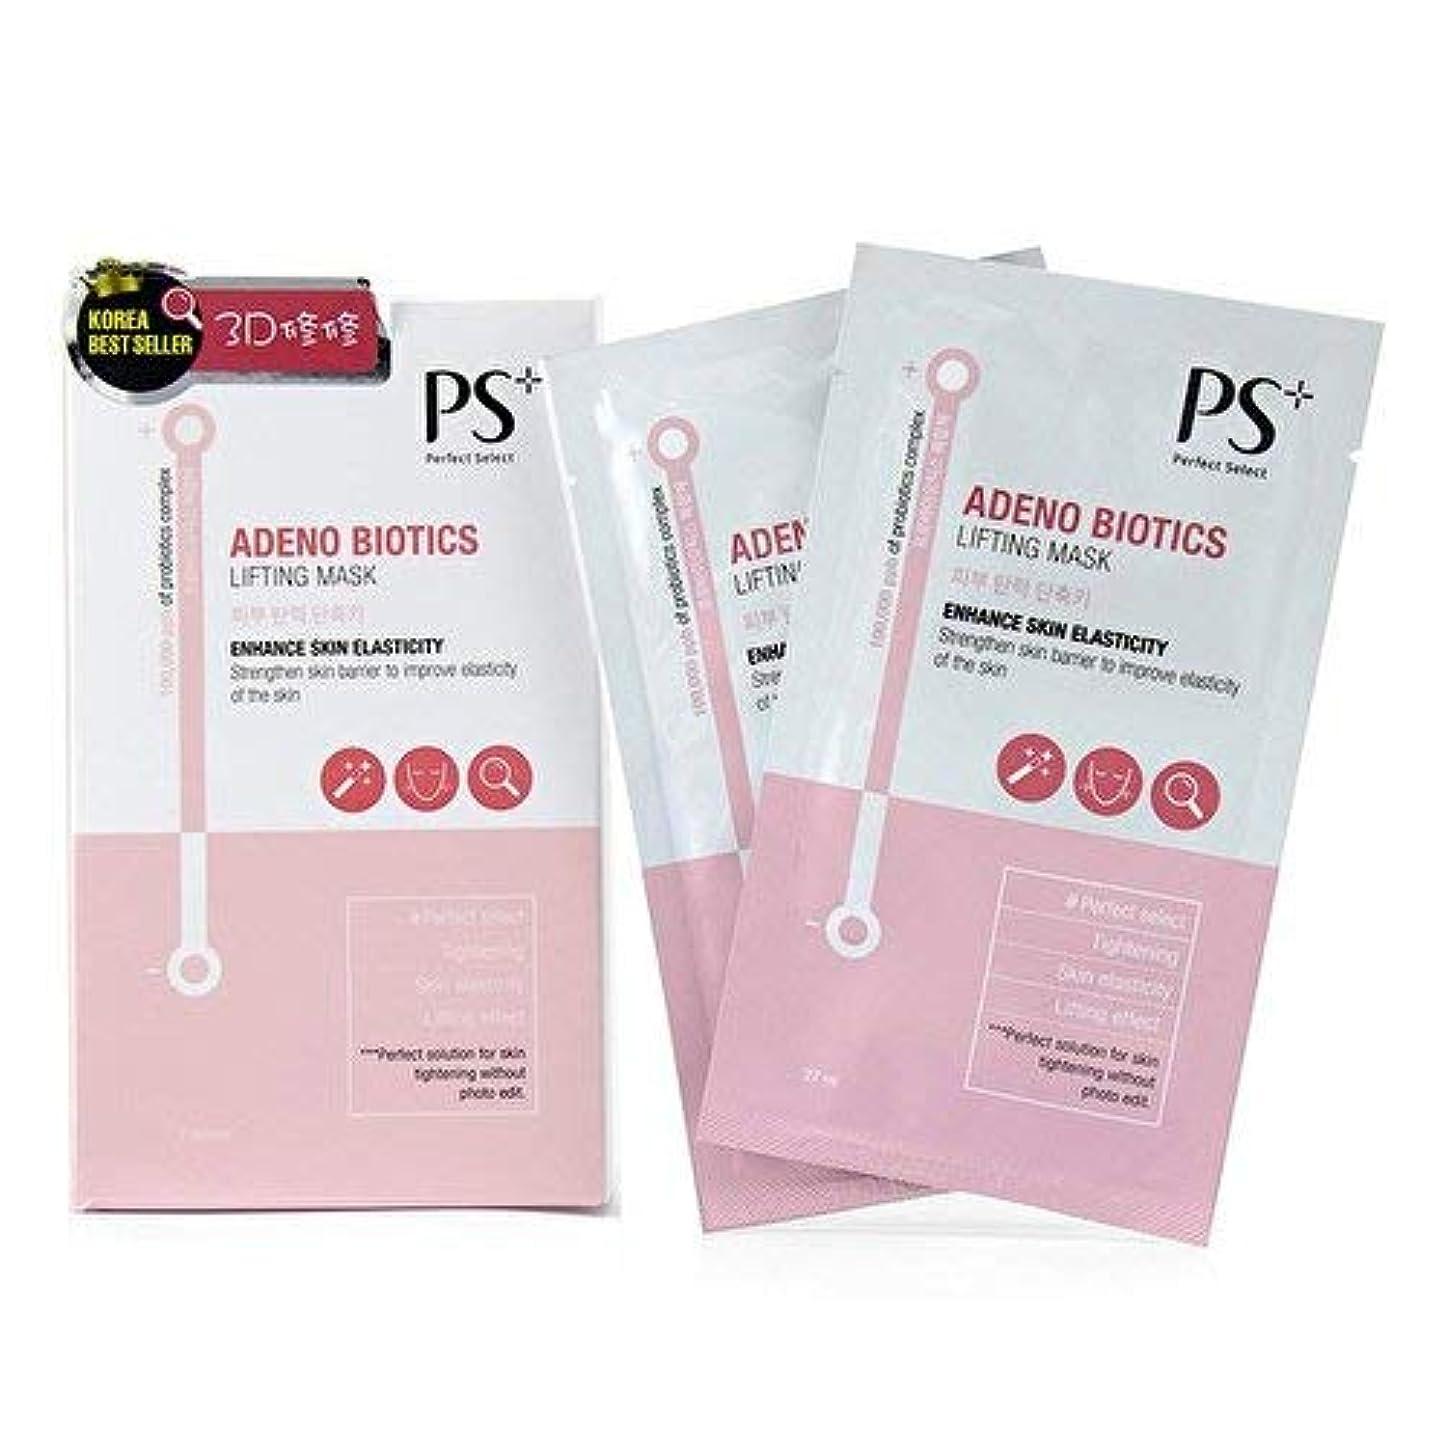 はちみつ次眠いですPS Perfect Select Adeno Biotics Lifting Mask - Enhance Skin Elasticity 7pcs並行輸入品